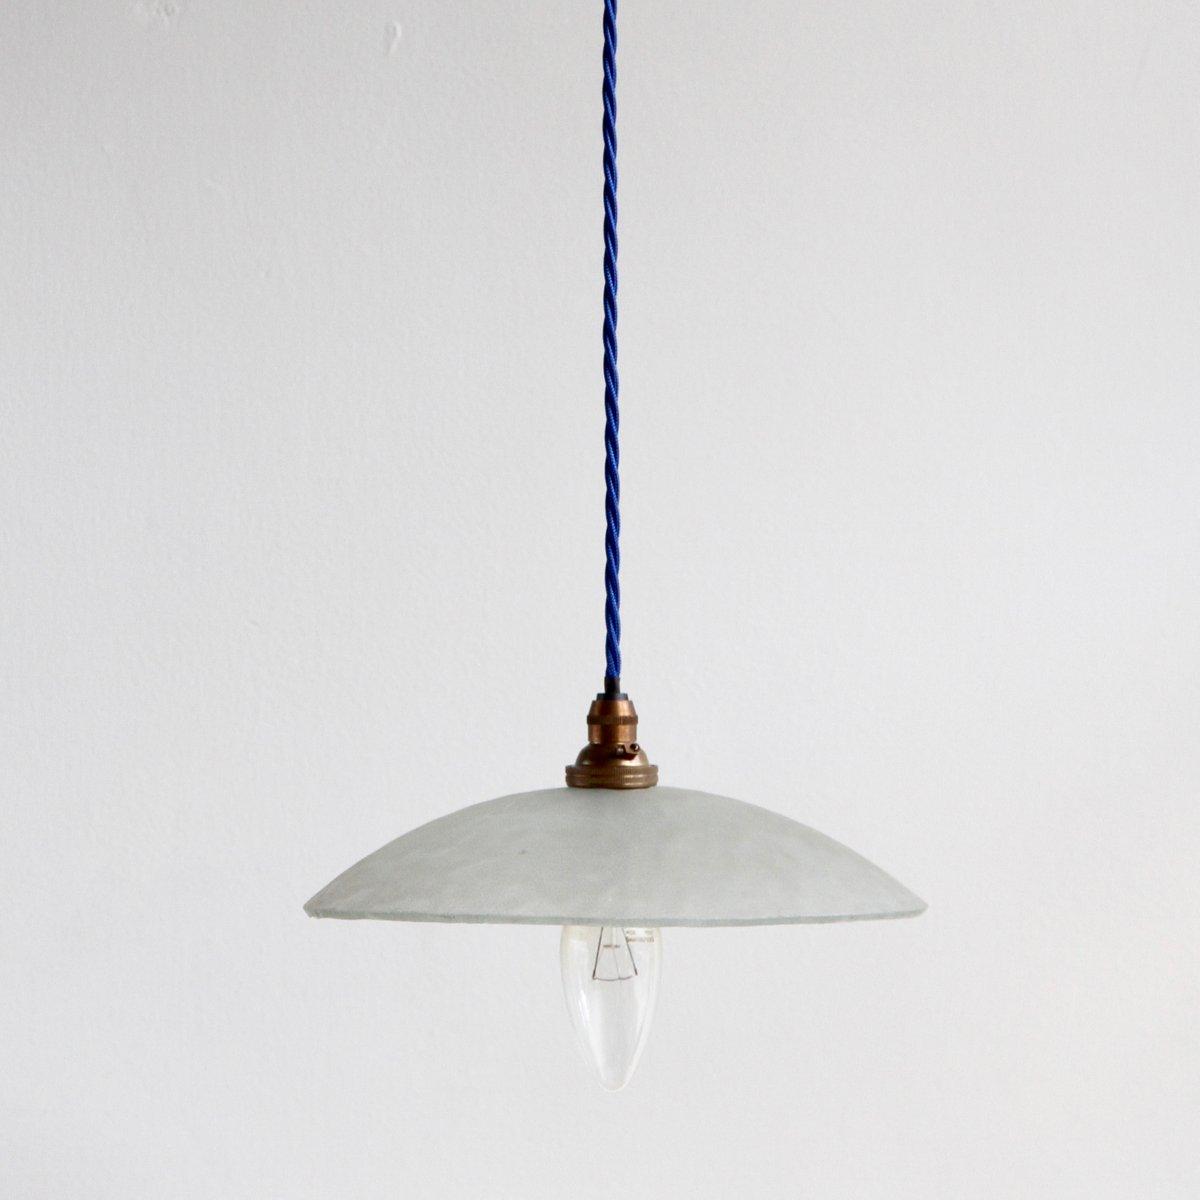 Vintage lampen mit schirmen aus milchglas 3er set bei for Vintage lampen